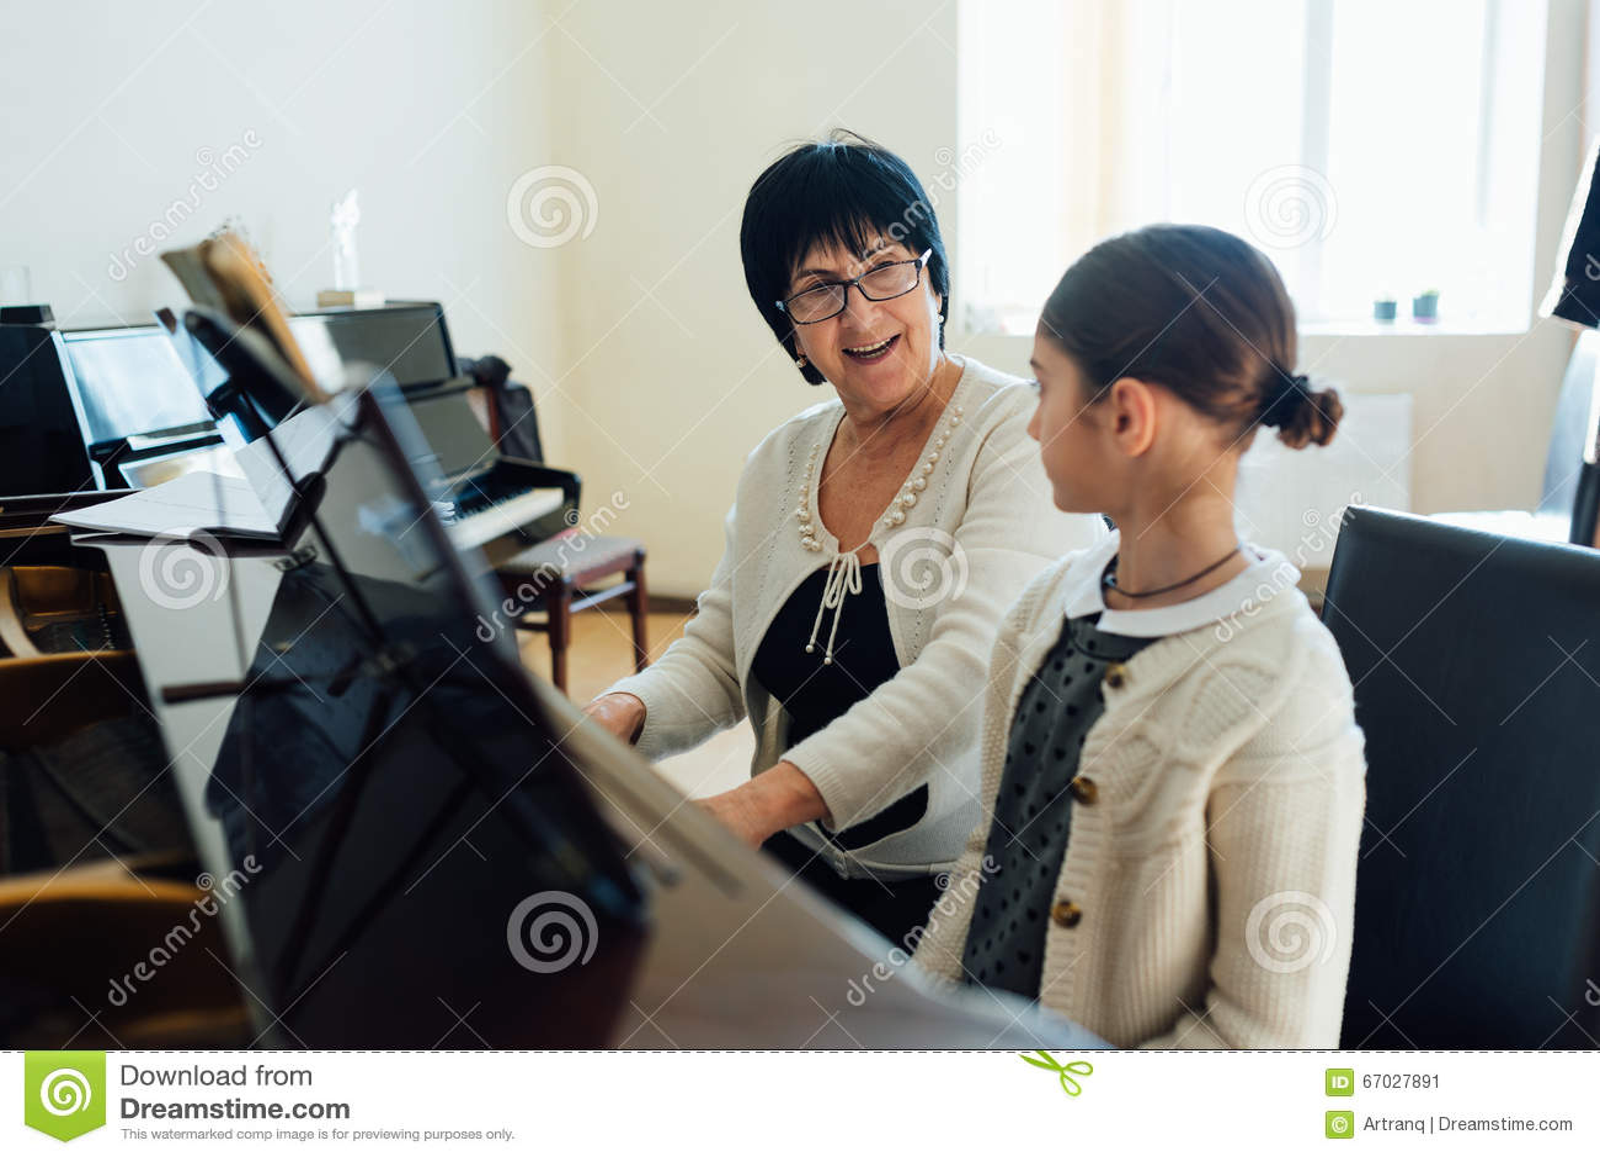 Учитель музыки объясняет gleefully как сыграть рояль